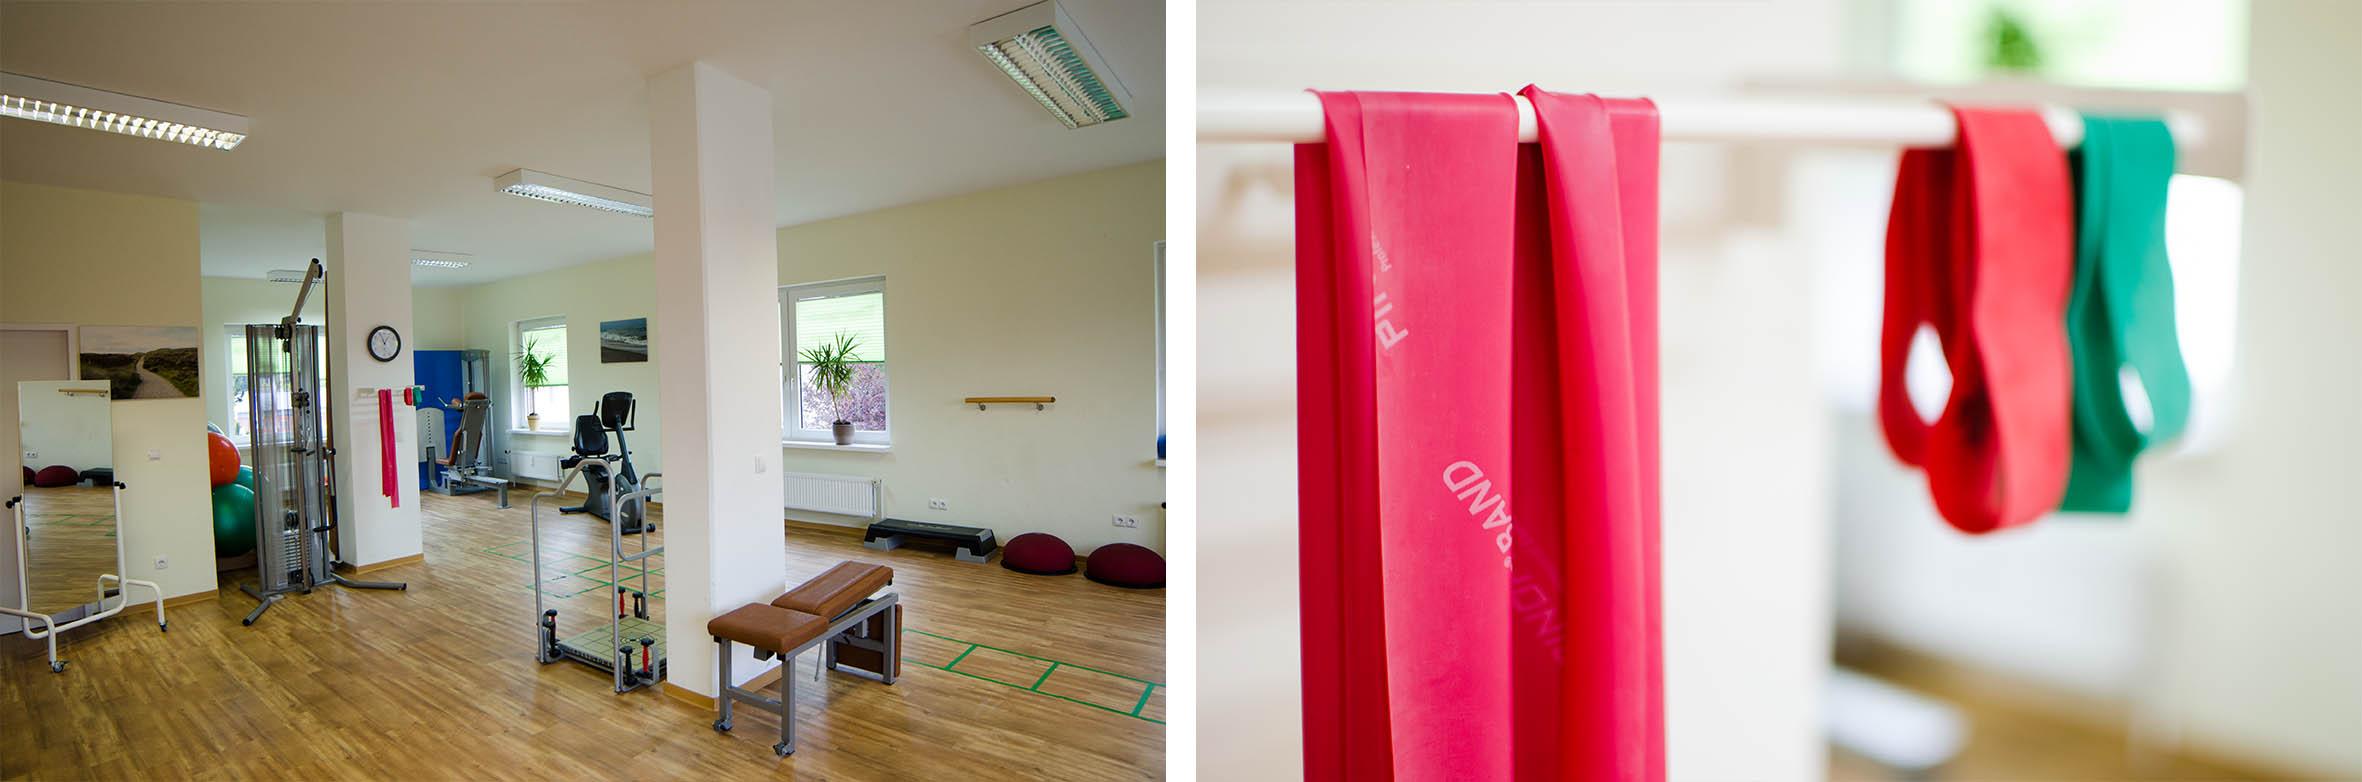 Innenräume Therapiezentrum Panta rhei aktiv